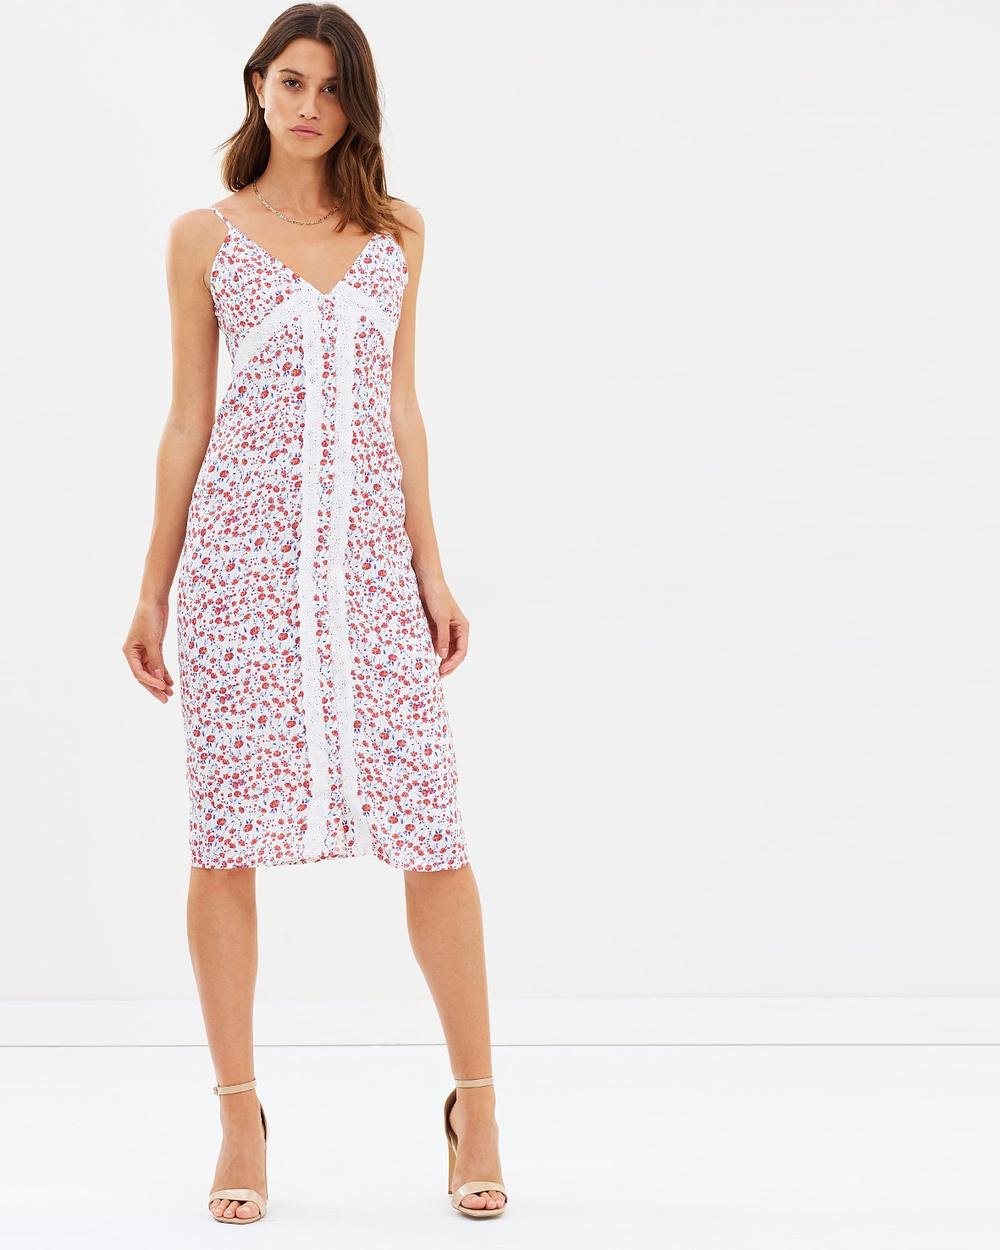 Hansen & Gretel Elayna Dress Dresses Ivory Floral Elayna Dress